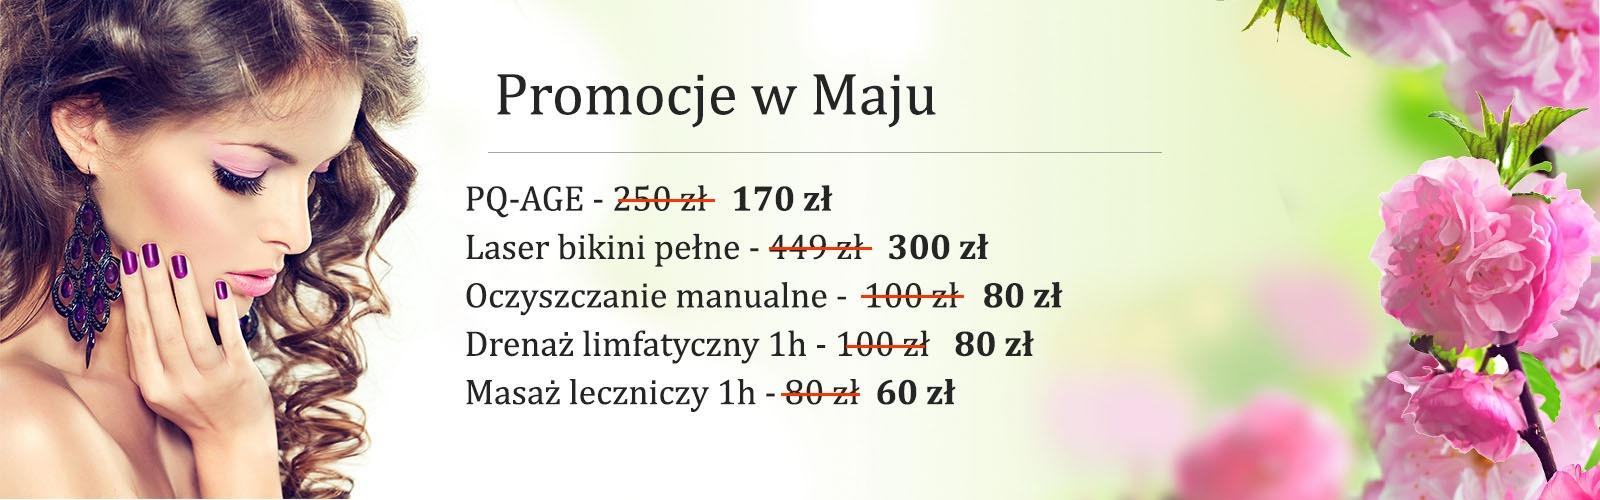 prom-maj-2019